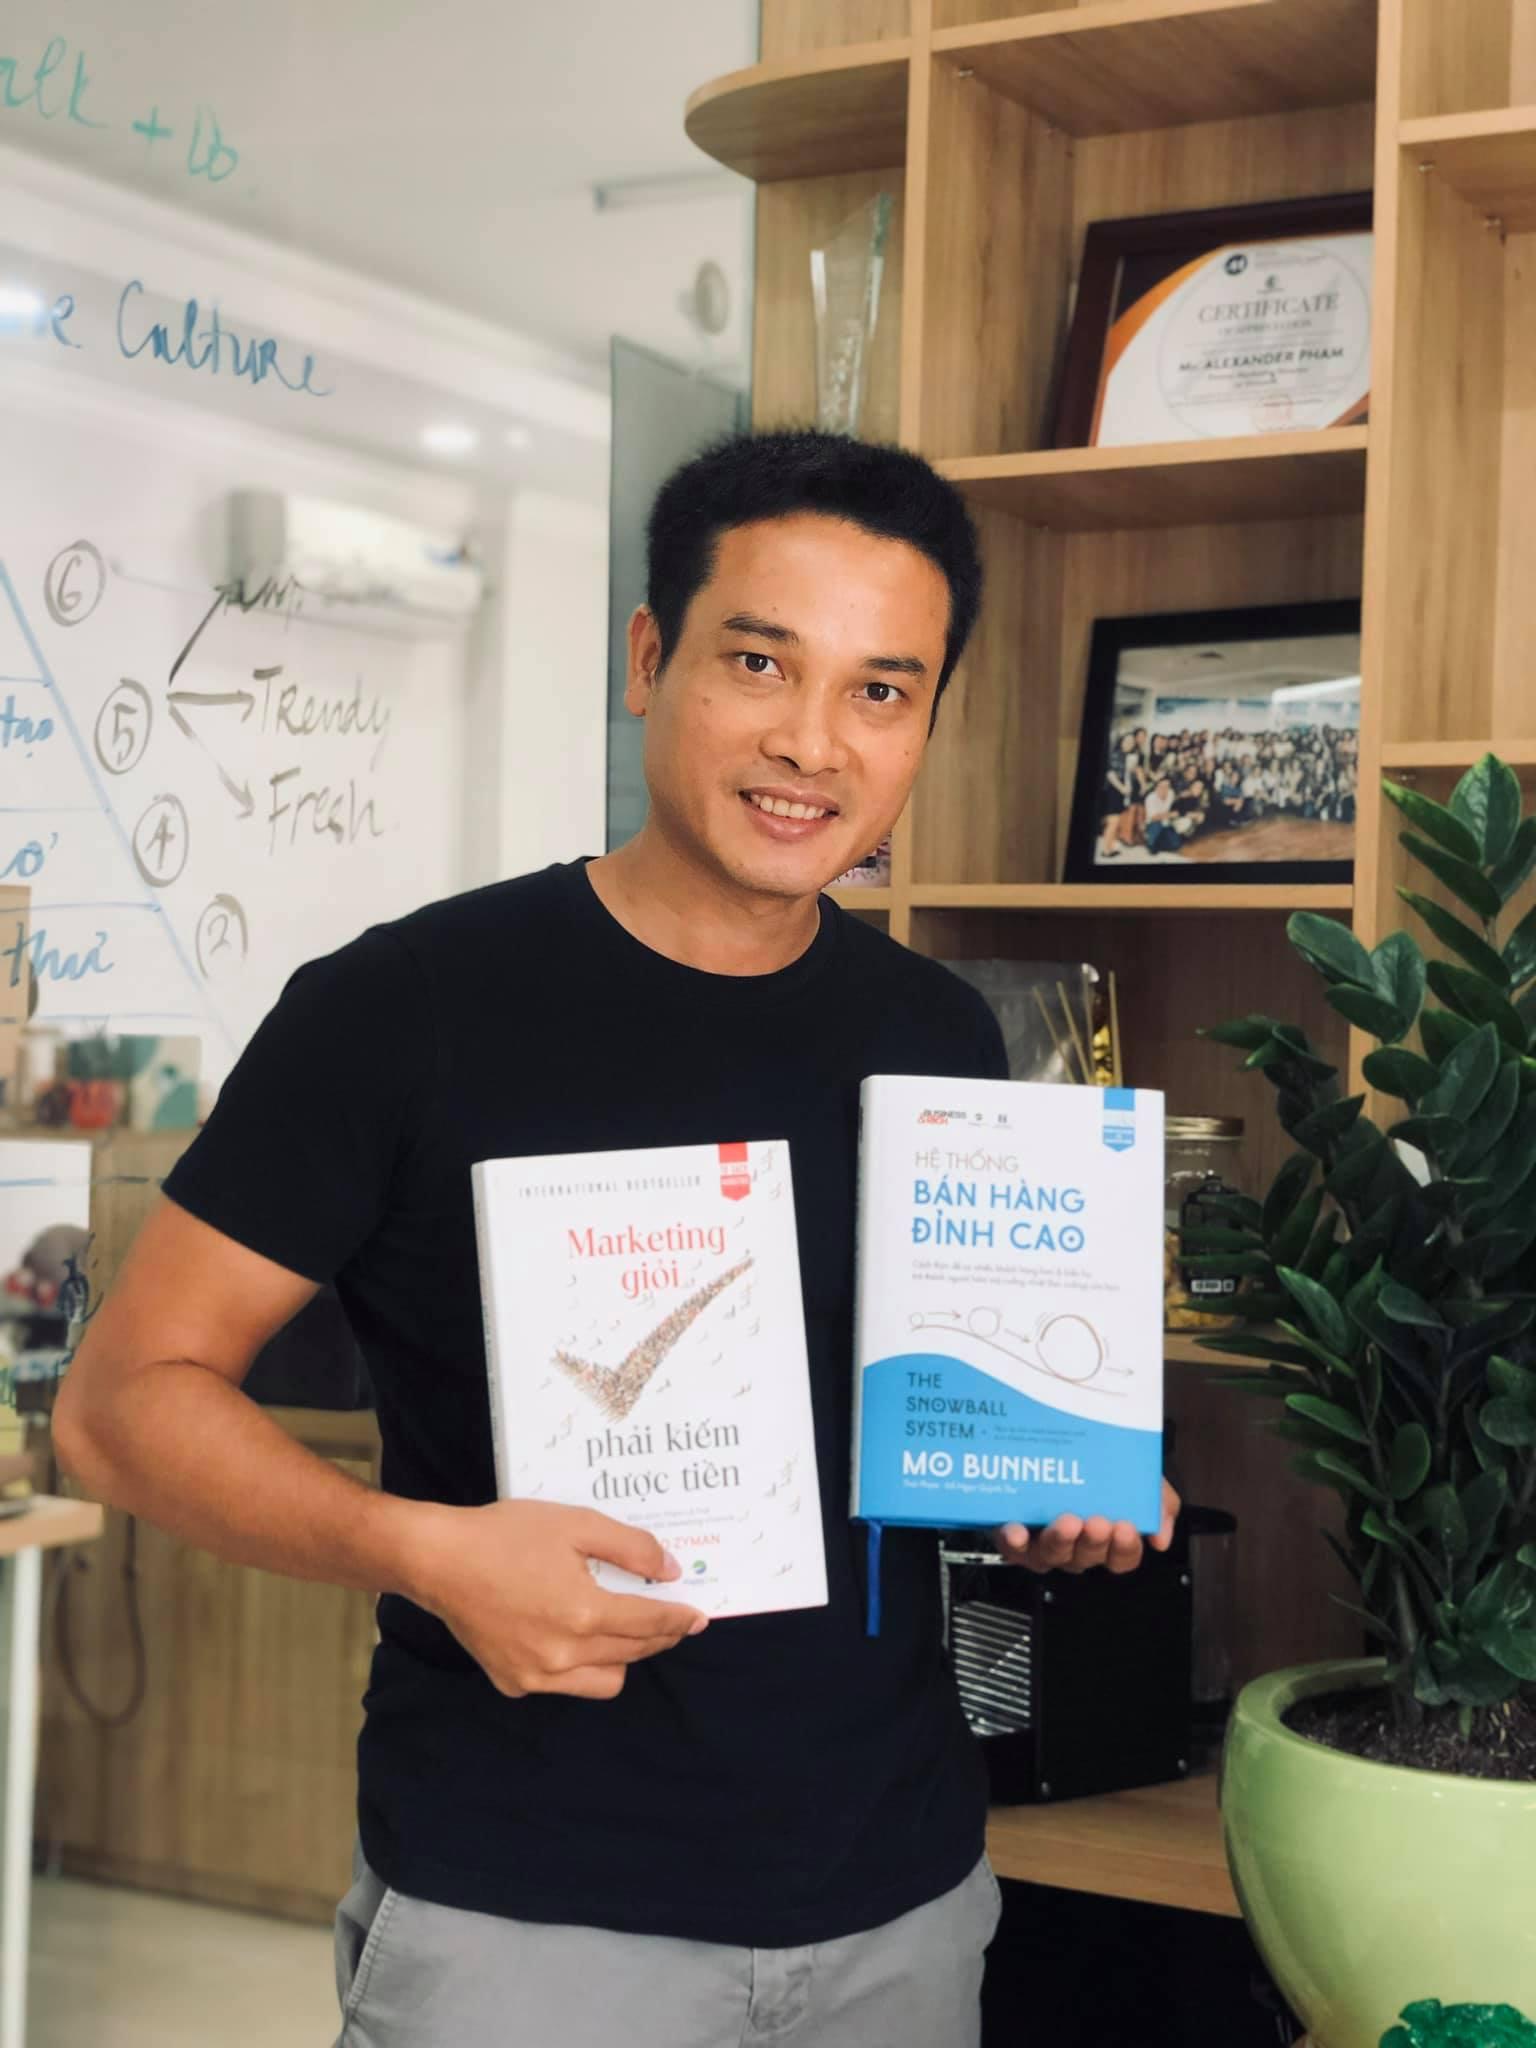 Kỉ niệm 1 năm bộ đôi siêu phẩm về Marketing và Sales được ra mắt các độc giả Việt Nam.